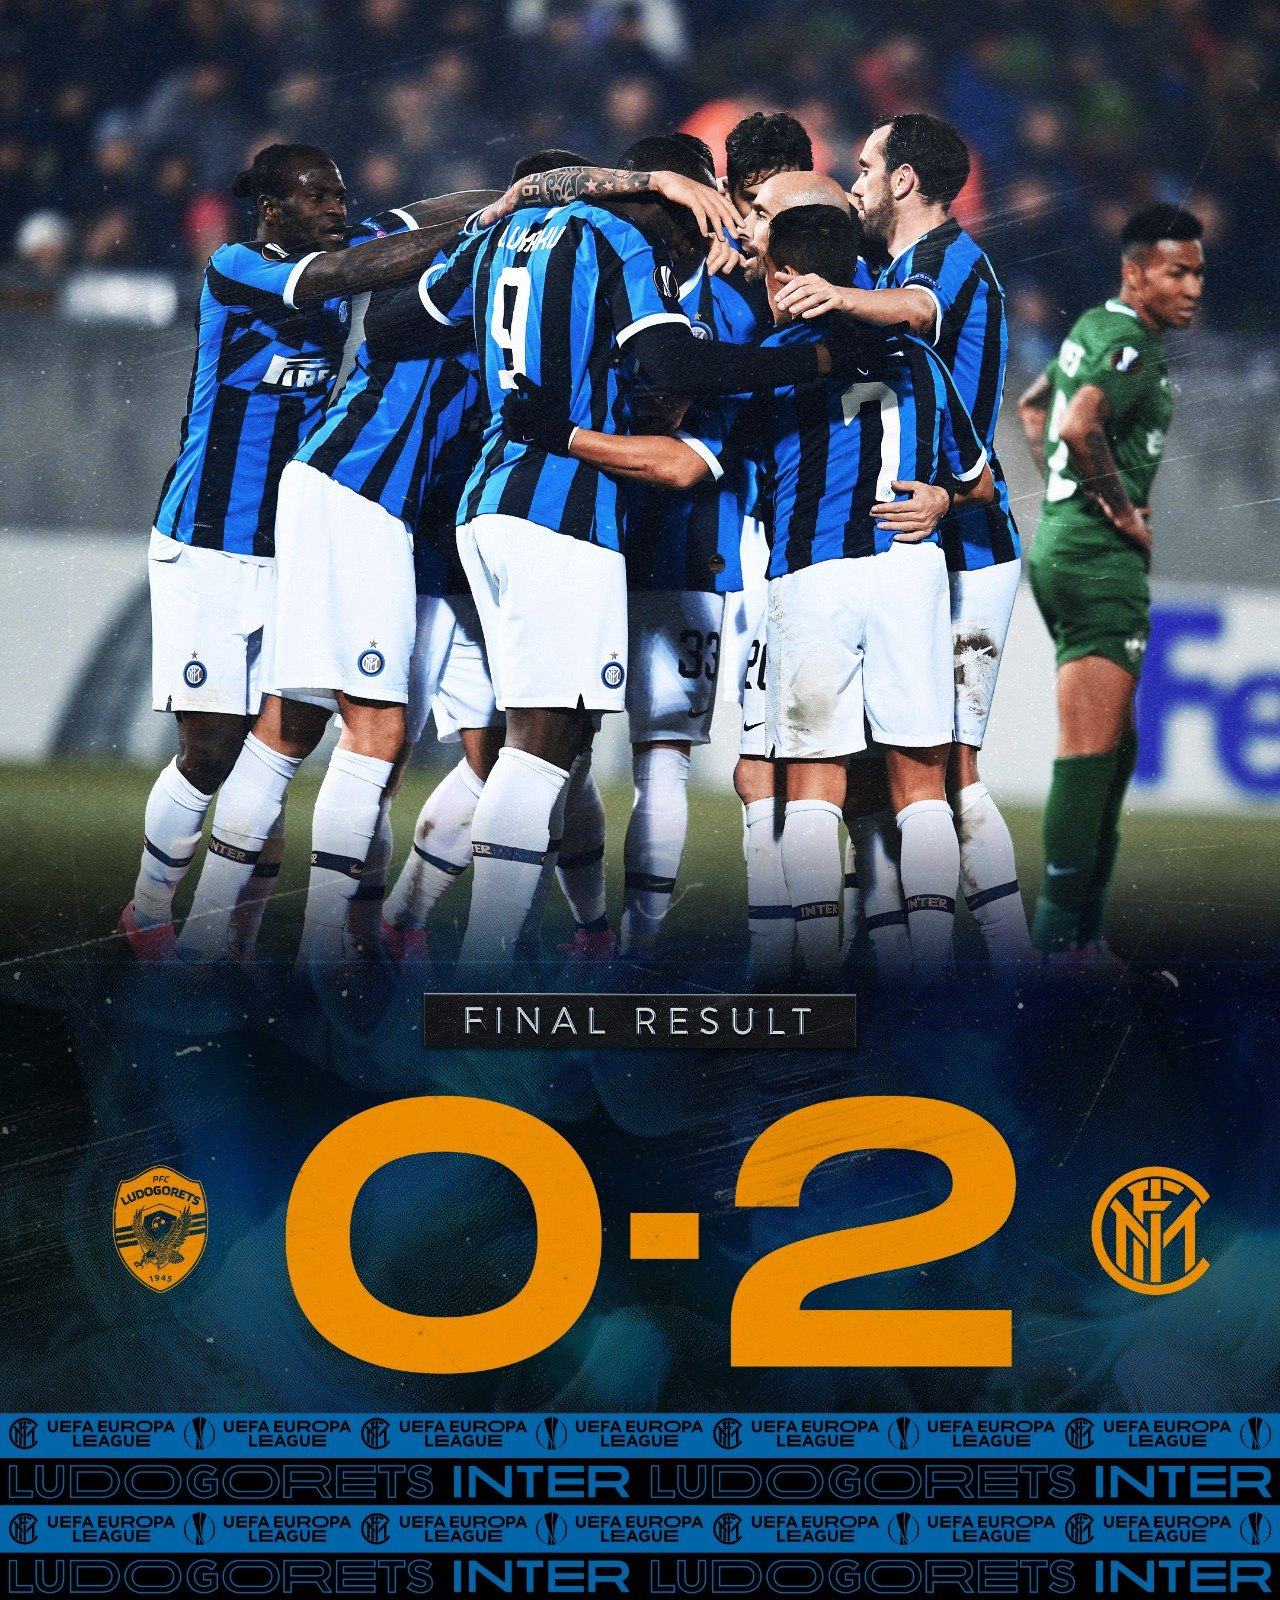 L'Inter ipoteca la qualificazione: Eriksen e Lukaku mettono KO il Ludogorets